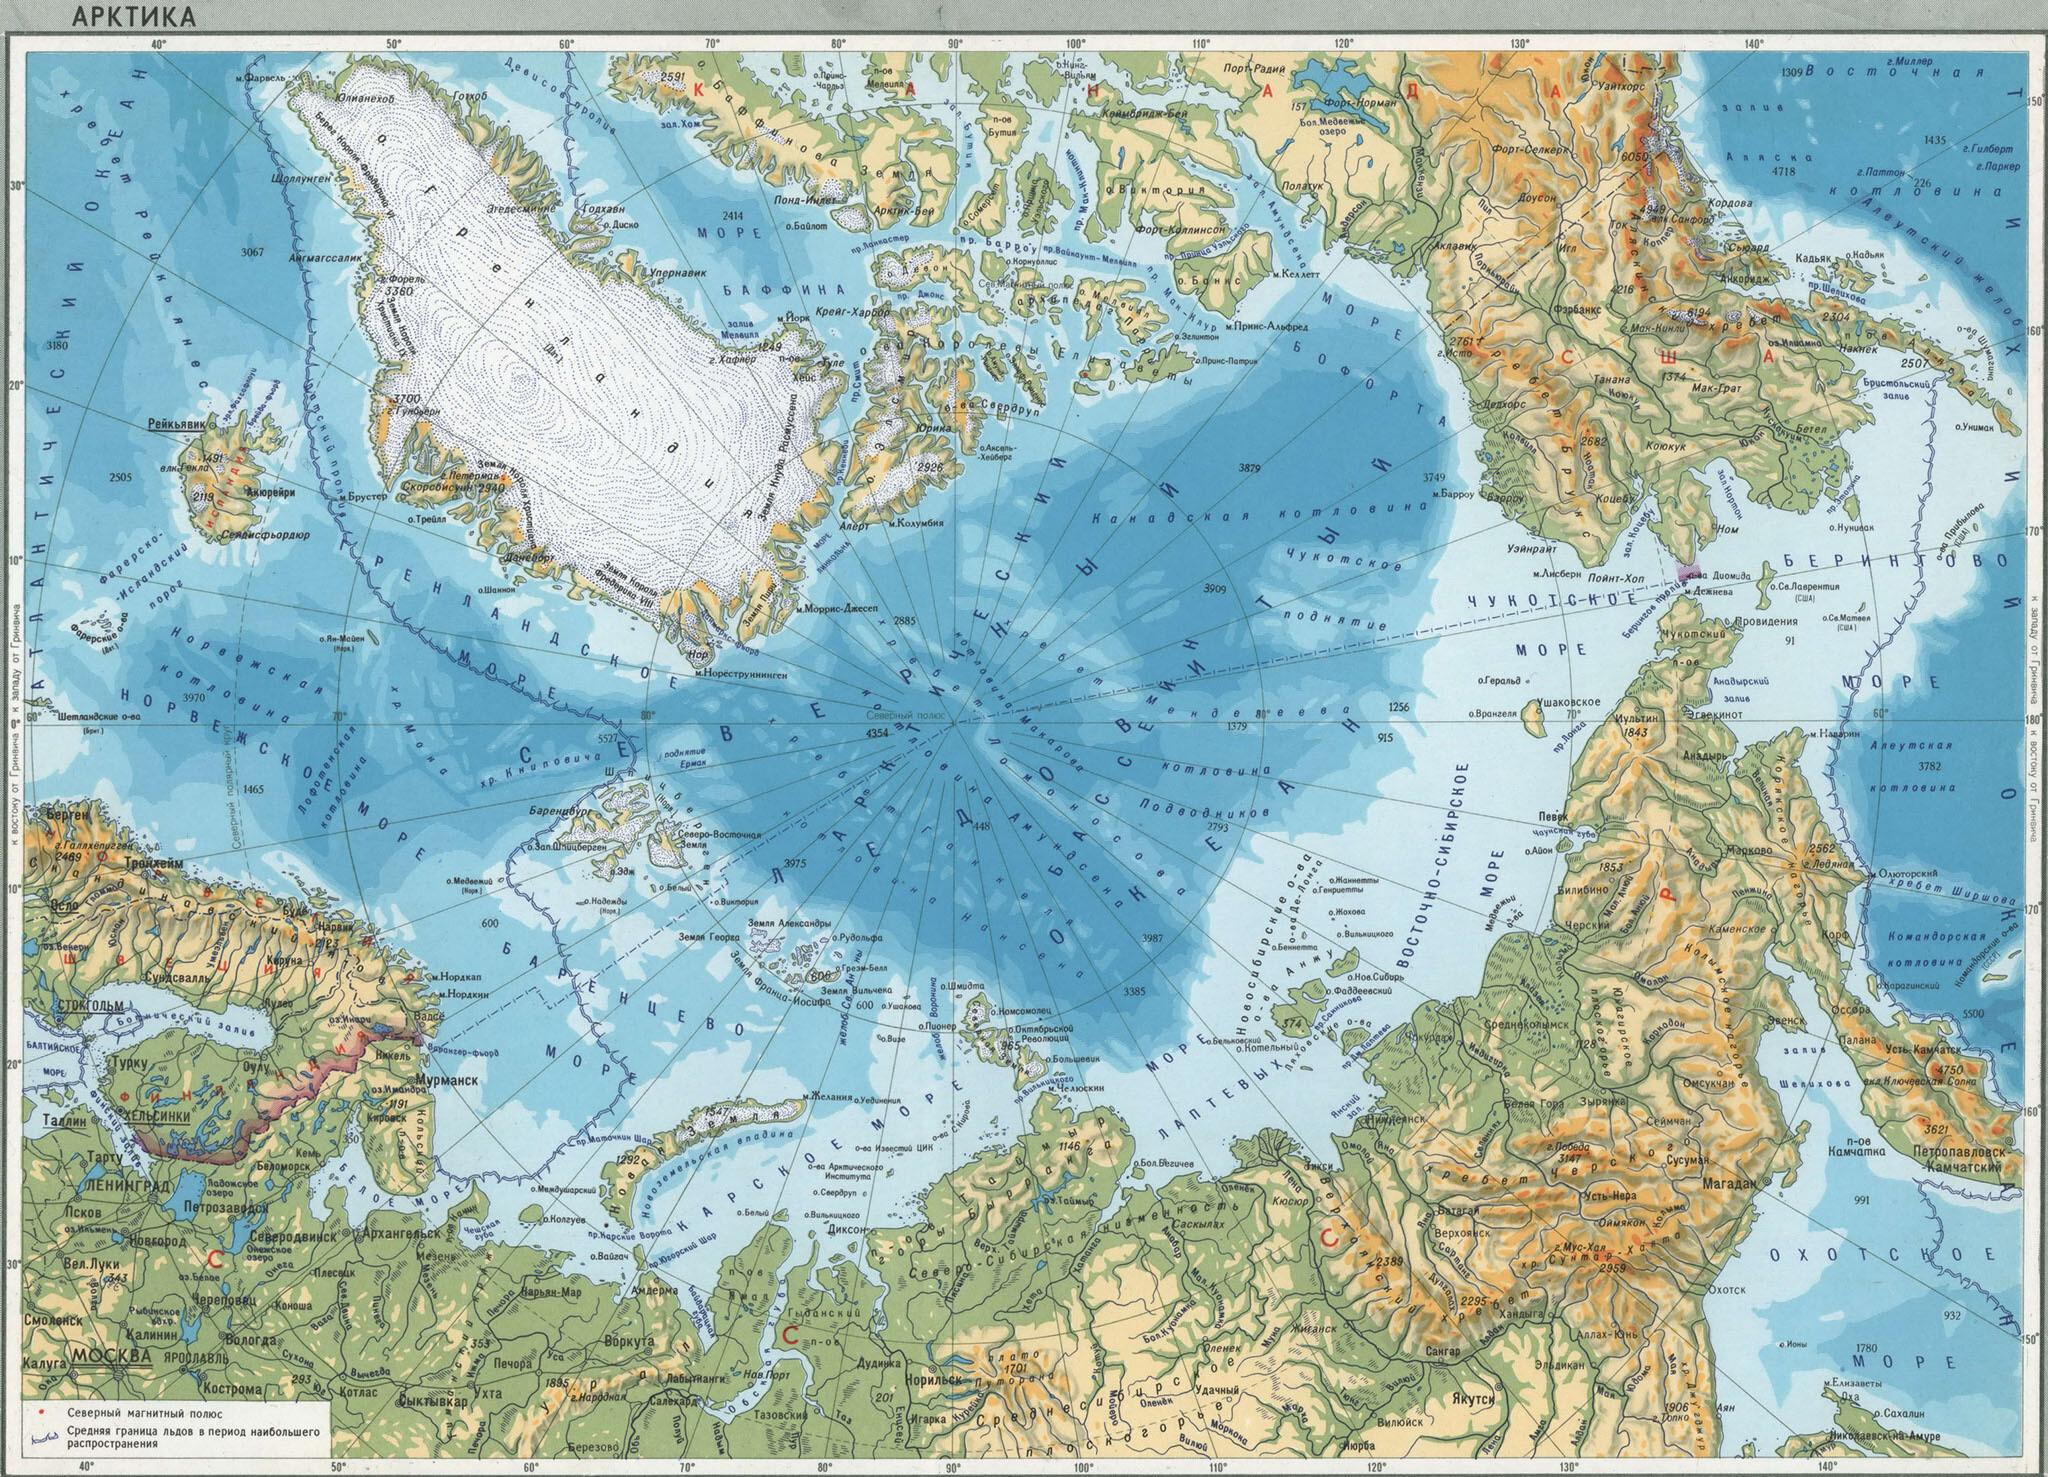 Арктическая жизнь будущего: какими могут быть станции, поселения и города на Крайнем Севере